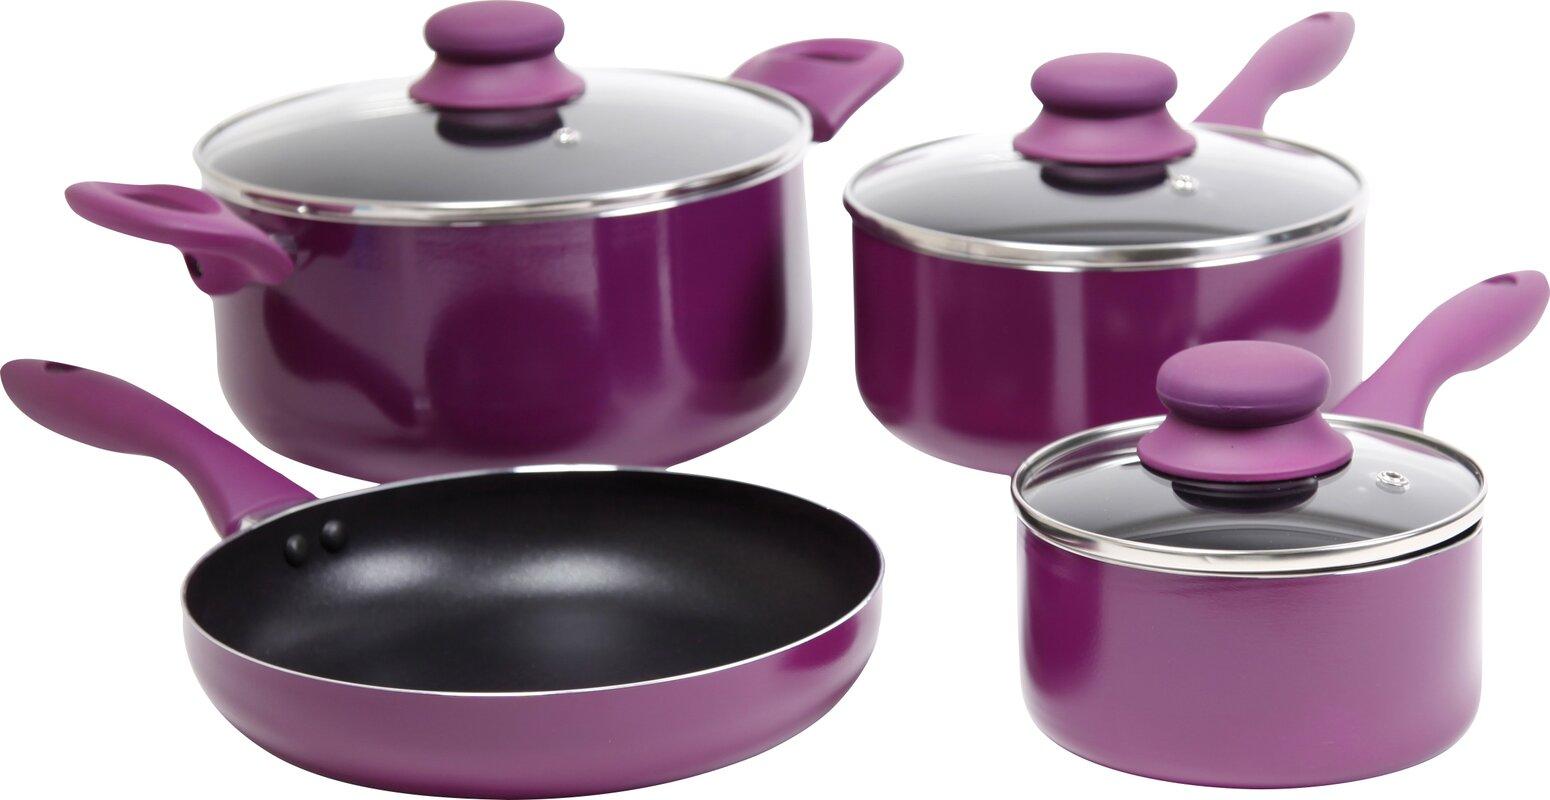 Gibson Branston 7 Piece Cookware Set & Reviews | Wayfair